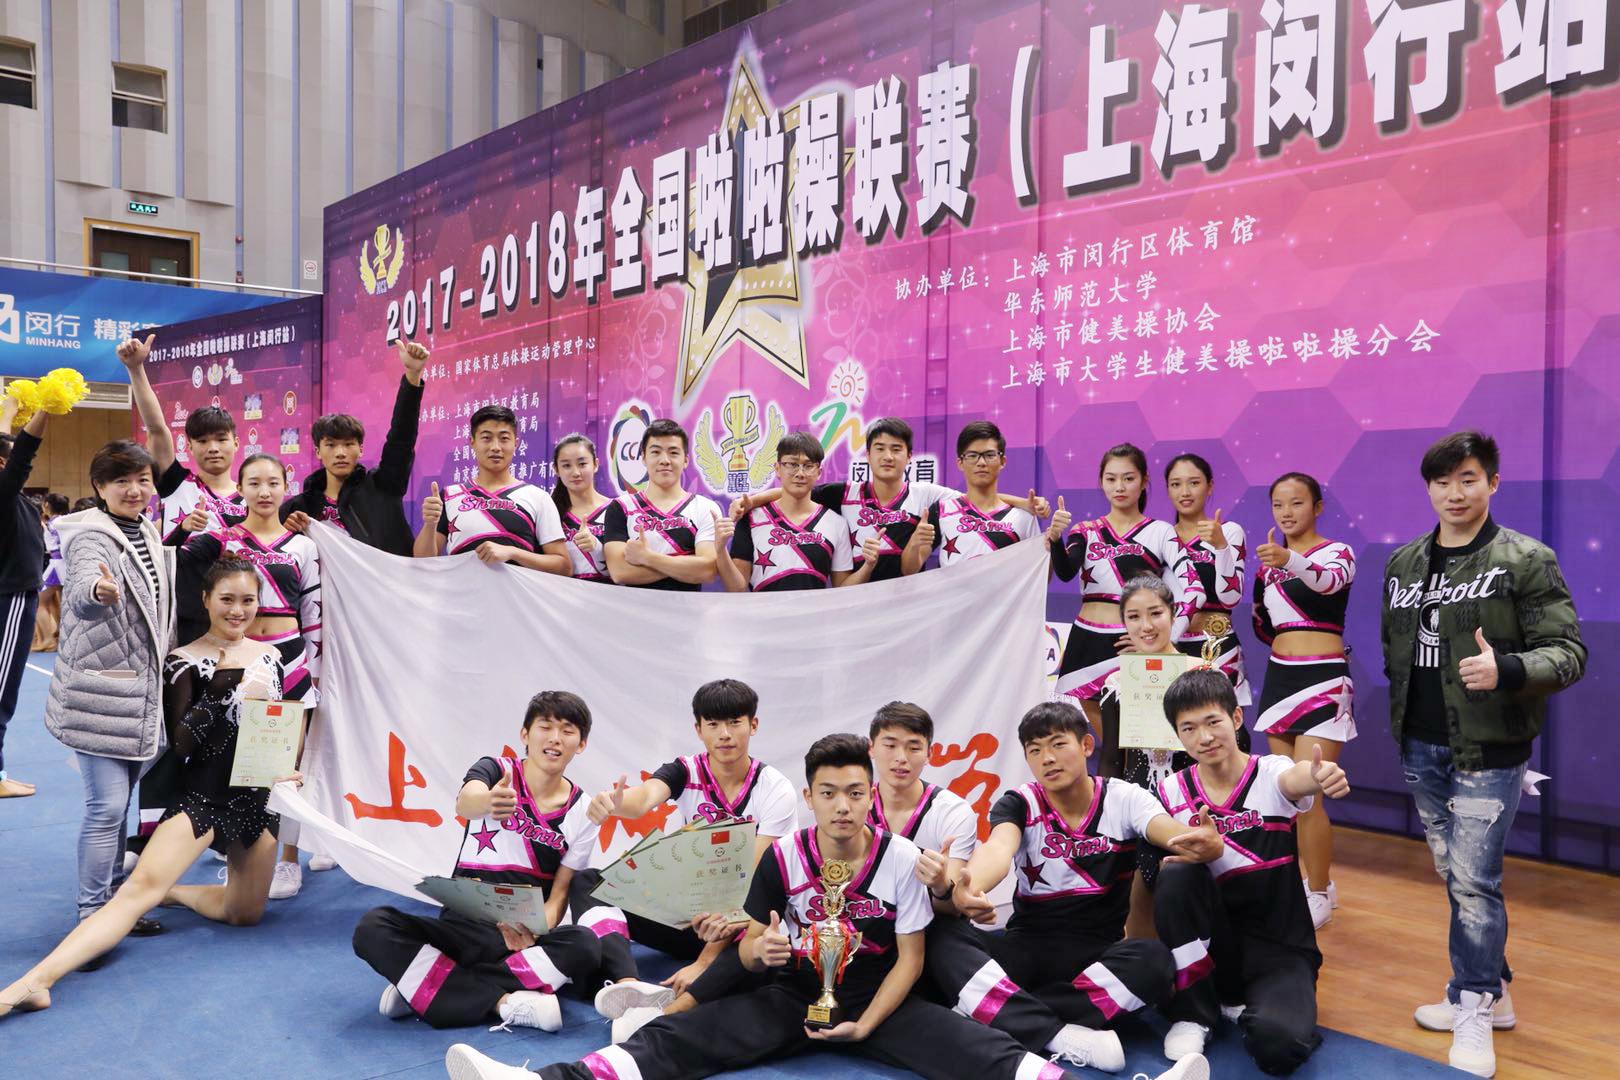 深化体育课改 | 上海师范大学:满足大学生个性需求